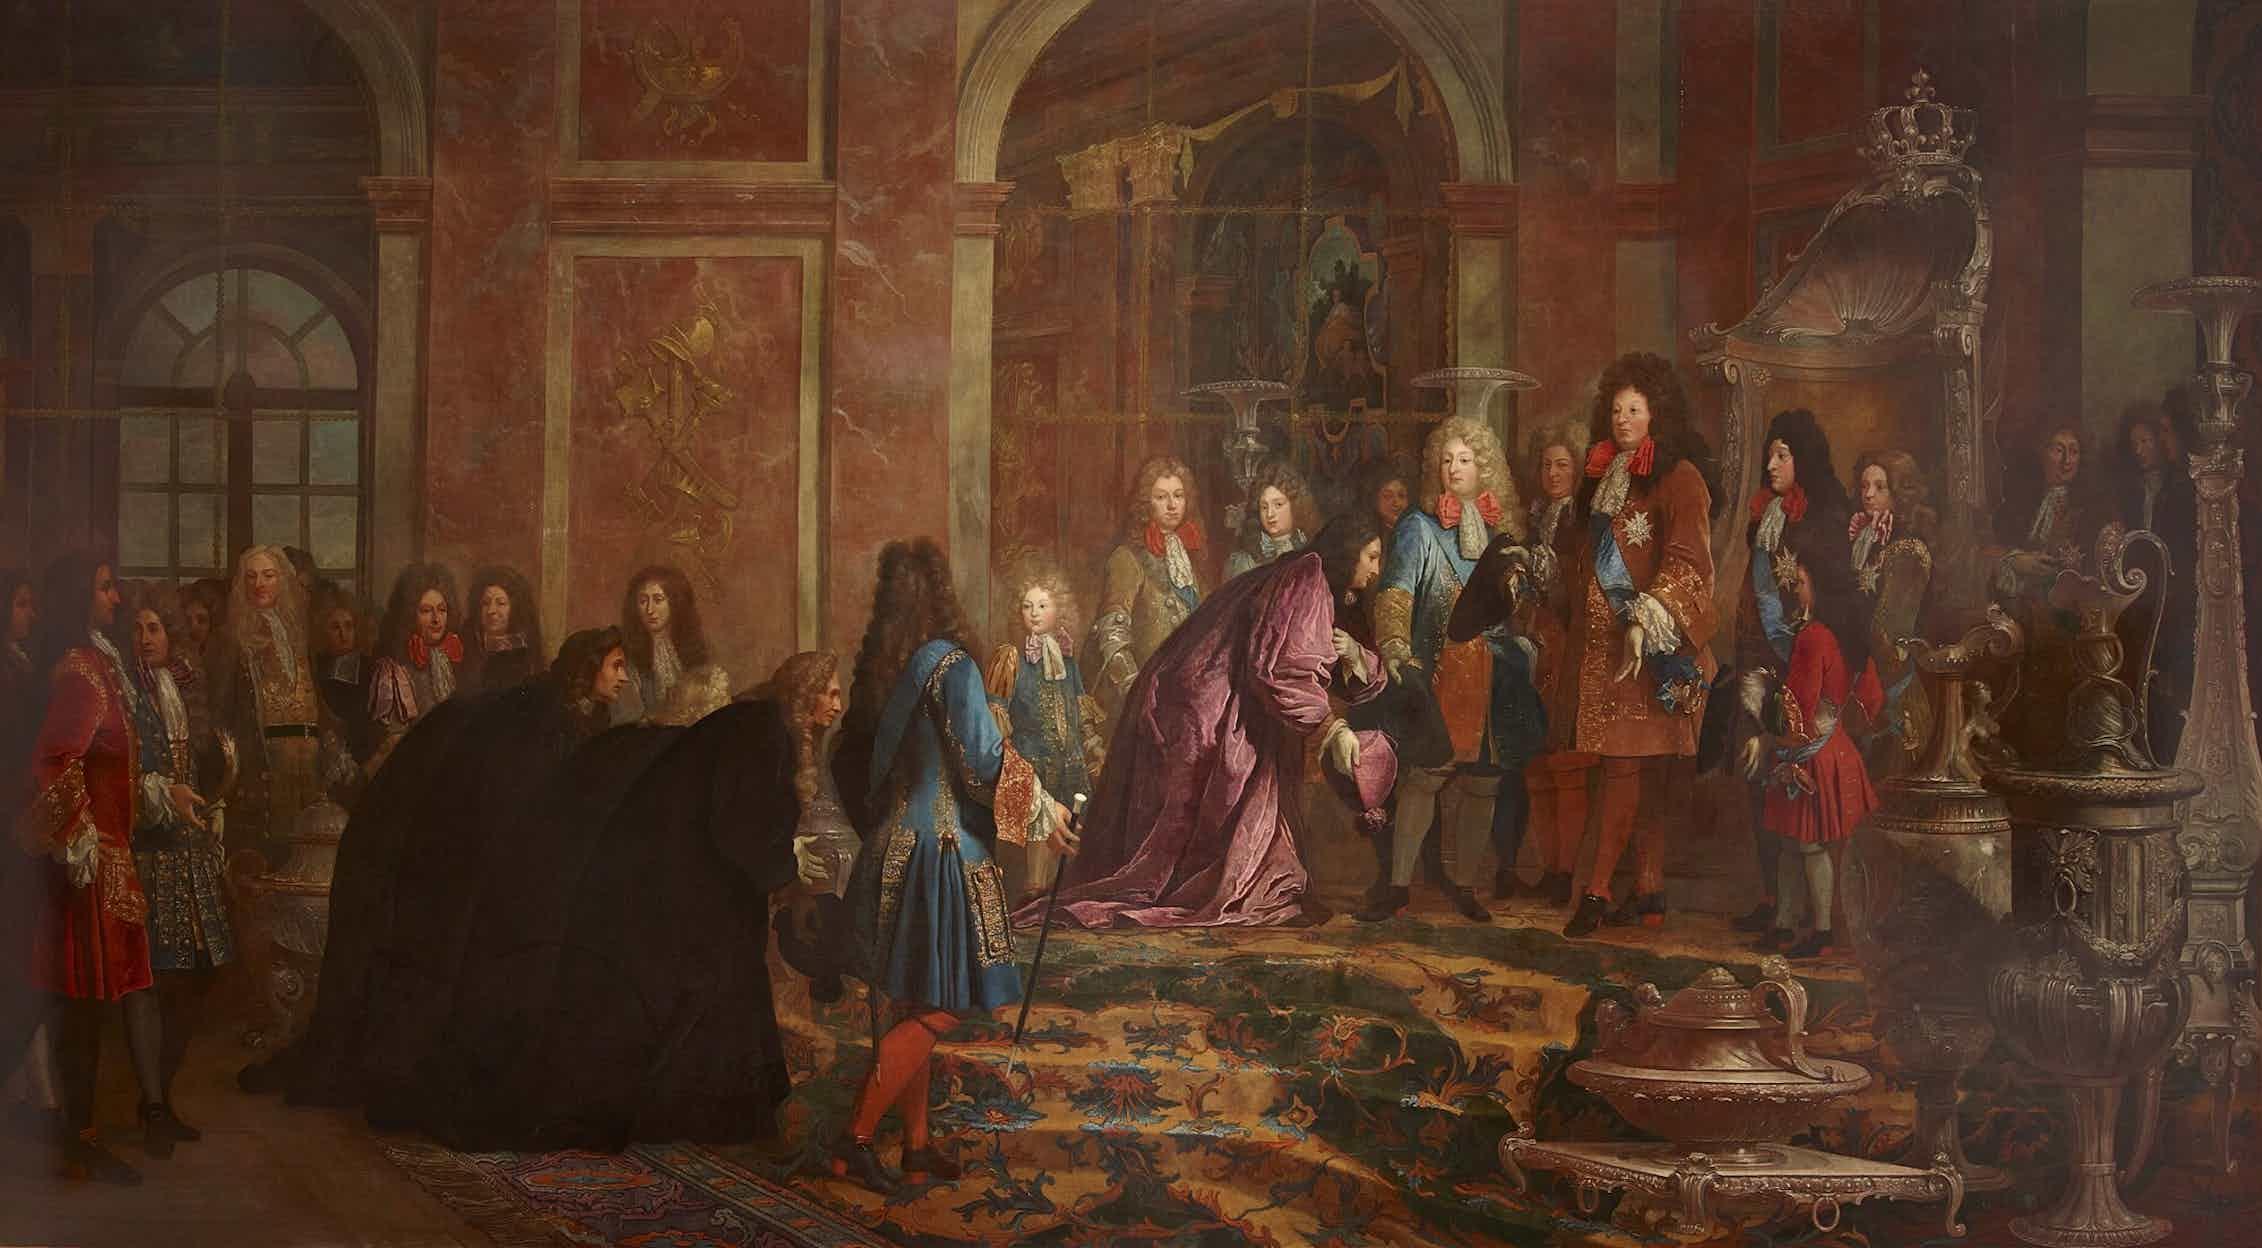 Cartón de tapicería encargado por Luis XIV. La escena tiene lugar en el Salón de los Espejos del Palacio de Versalles. (Claude-Guy Hallé, 1715).Wikimedia Commons